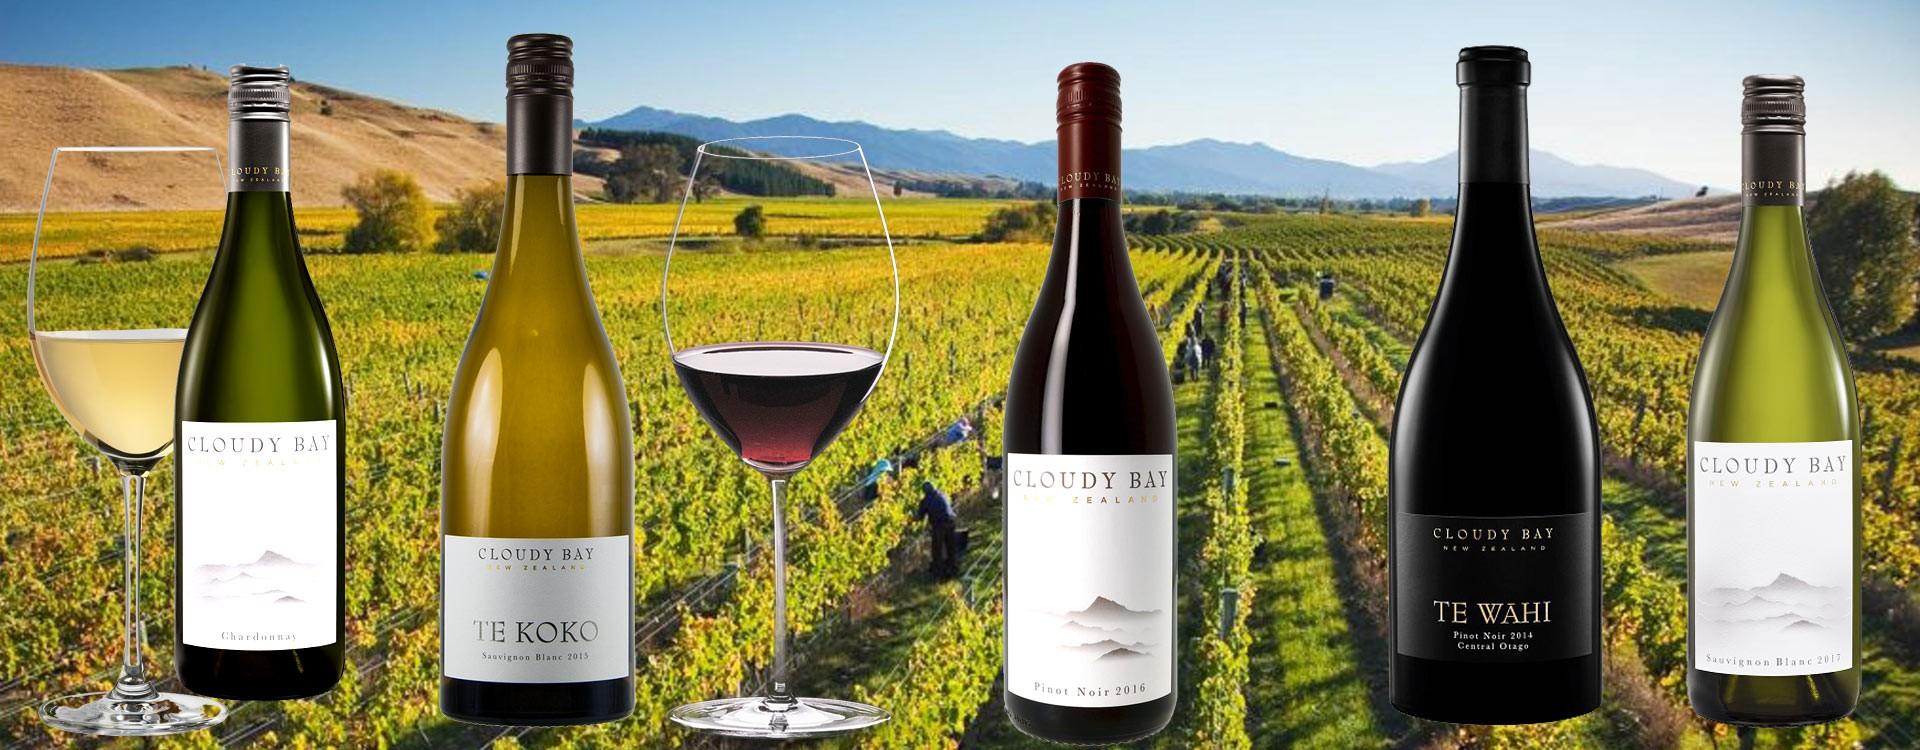 Vins vente en Suisse